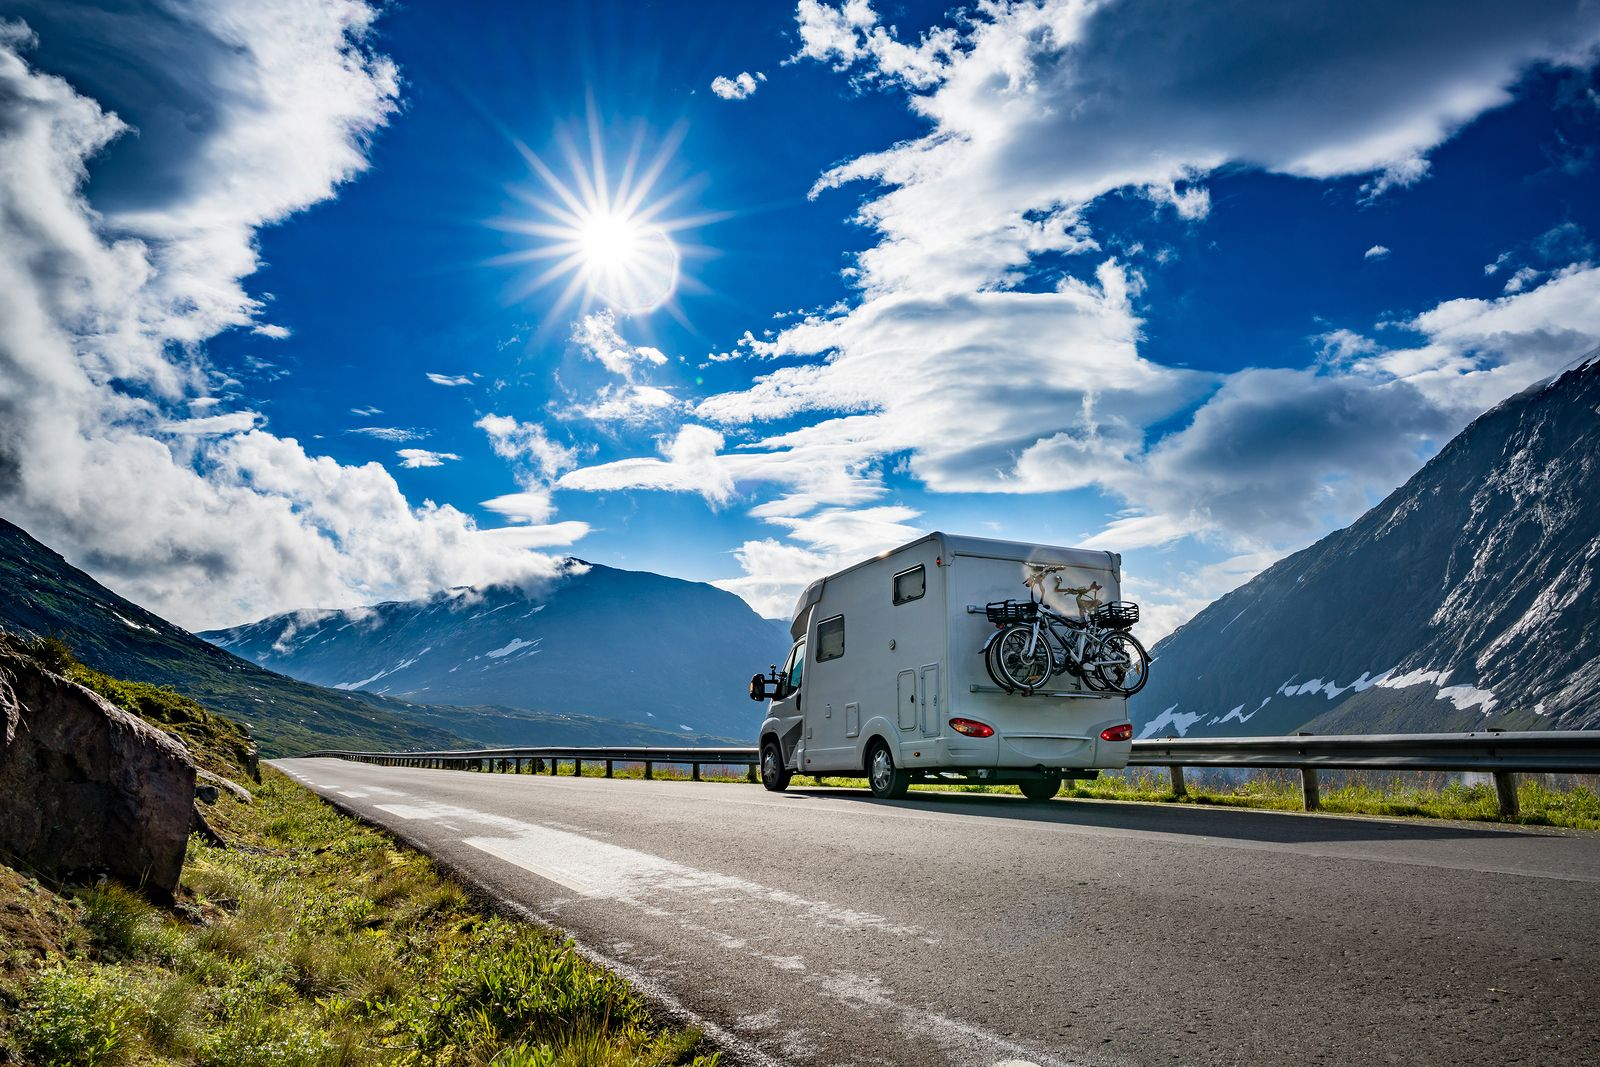 Los mejores lugares para viajar en caravana de España y Europa (Bigstock)